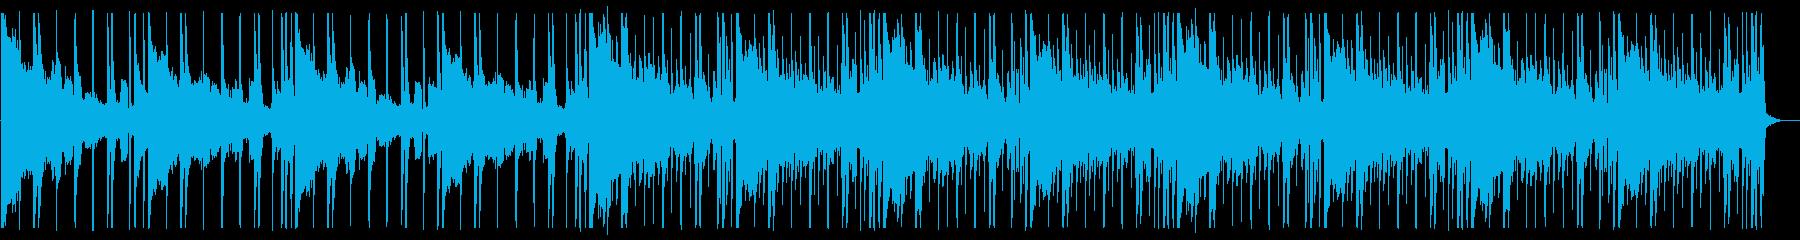 レトロ/夏_No595_3の再生済みの波形